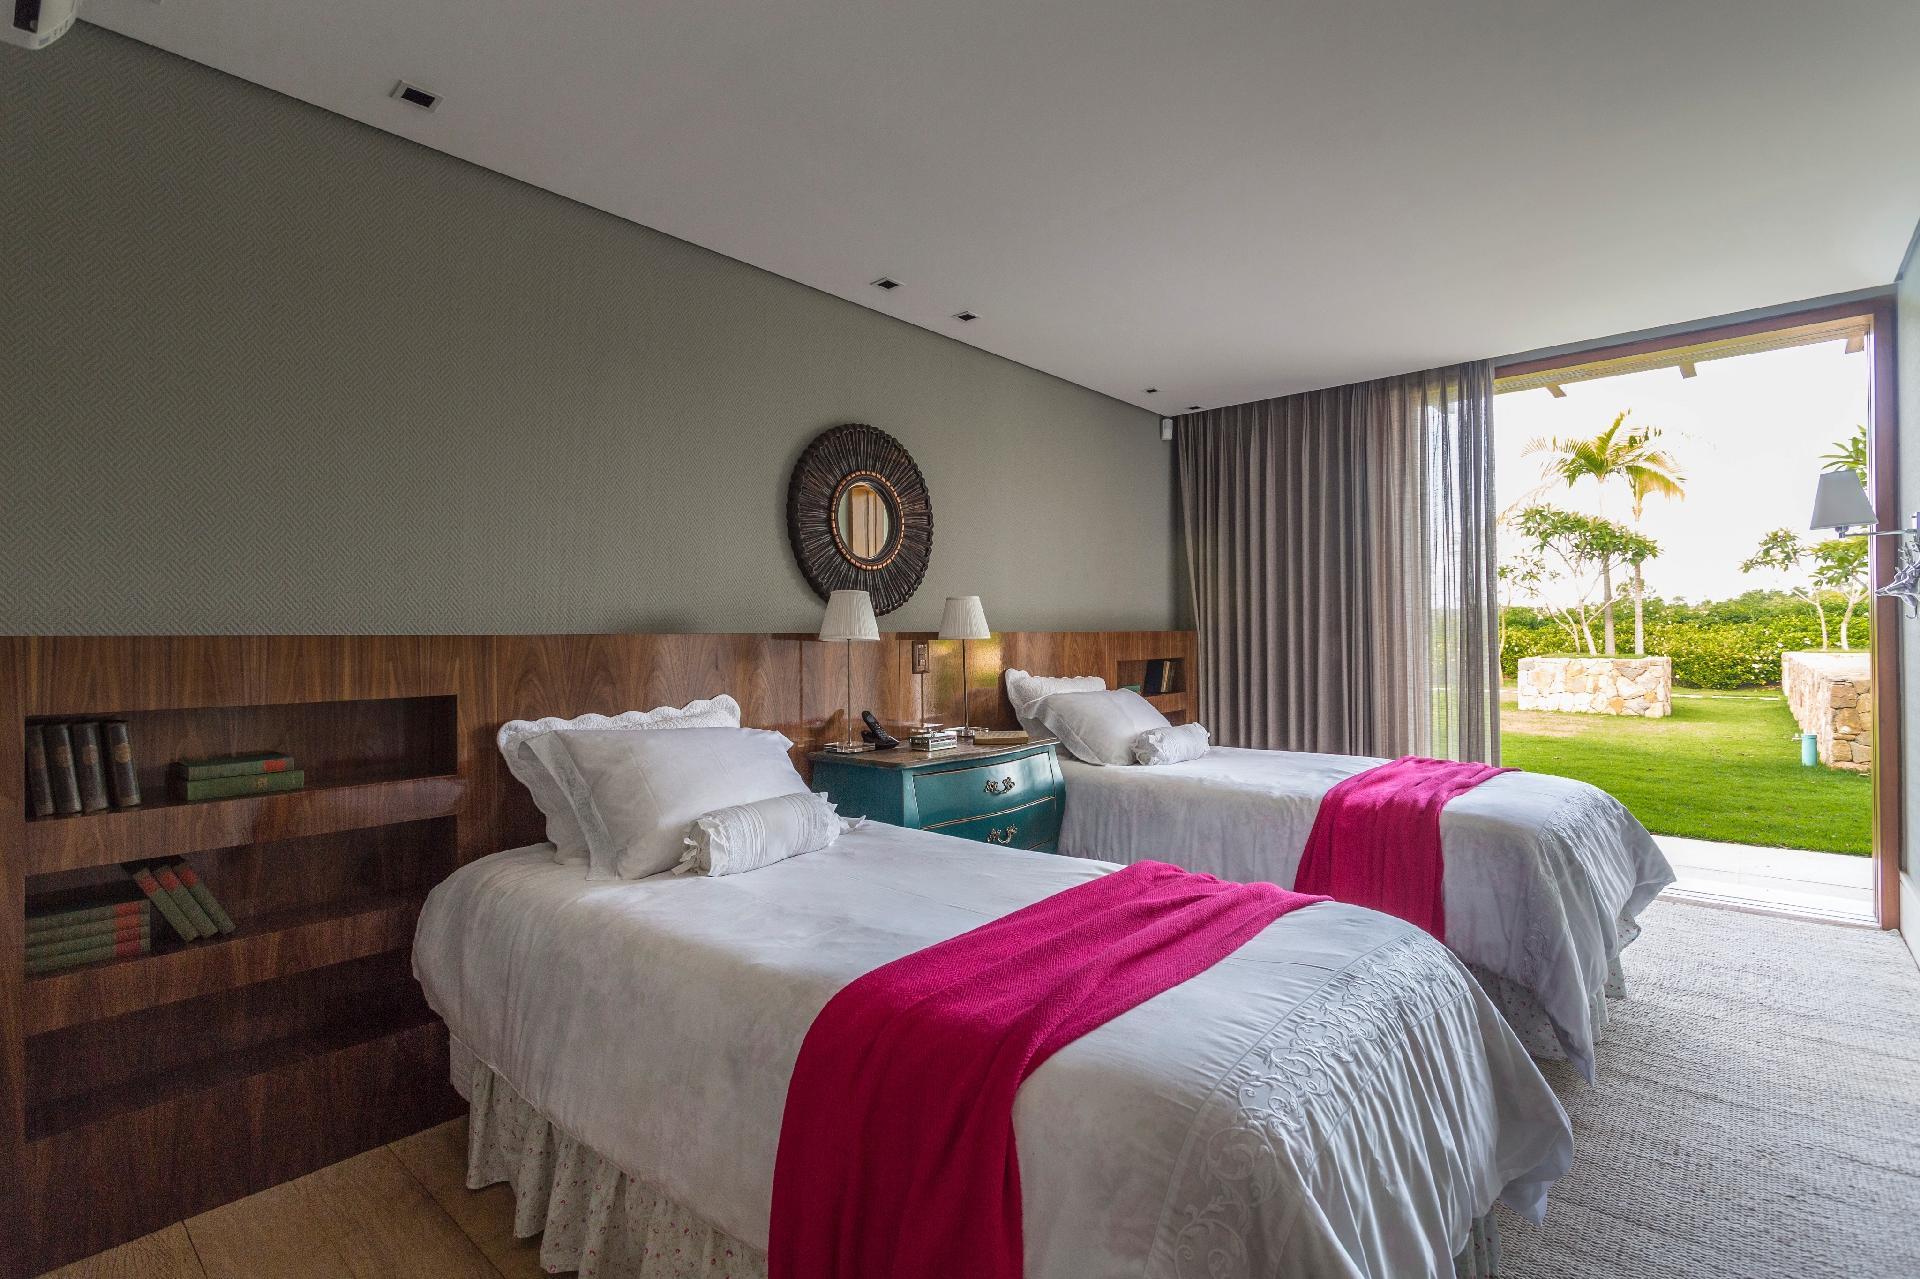 Em uma das suítes da casa de campo no interior de SP, a cabeceira em madeira (nogueira), com acabamento brilhante, recebeu nichos para acomodar os livros. O dormitório com cortinas de linho está conectado ao jardim da residência decorada pelo arquiteto Maurício Karam